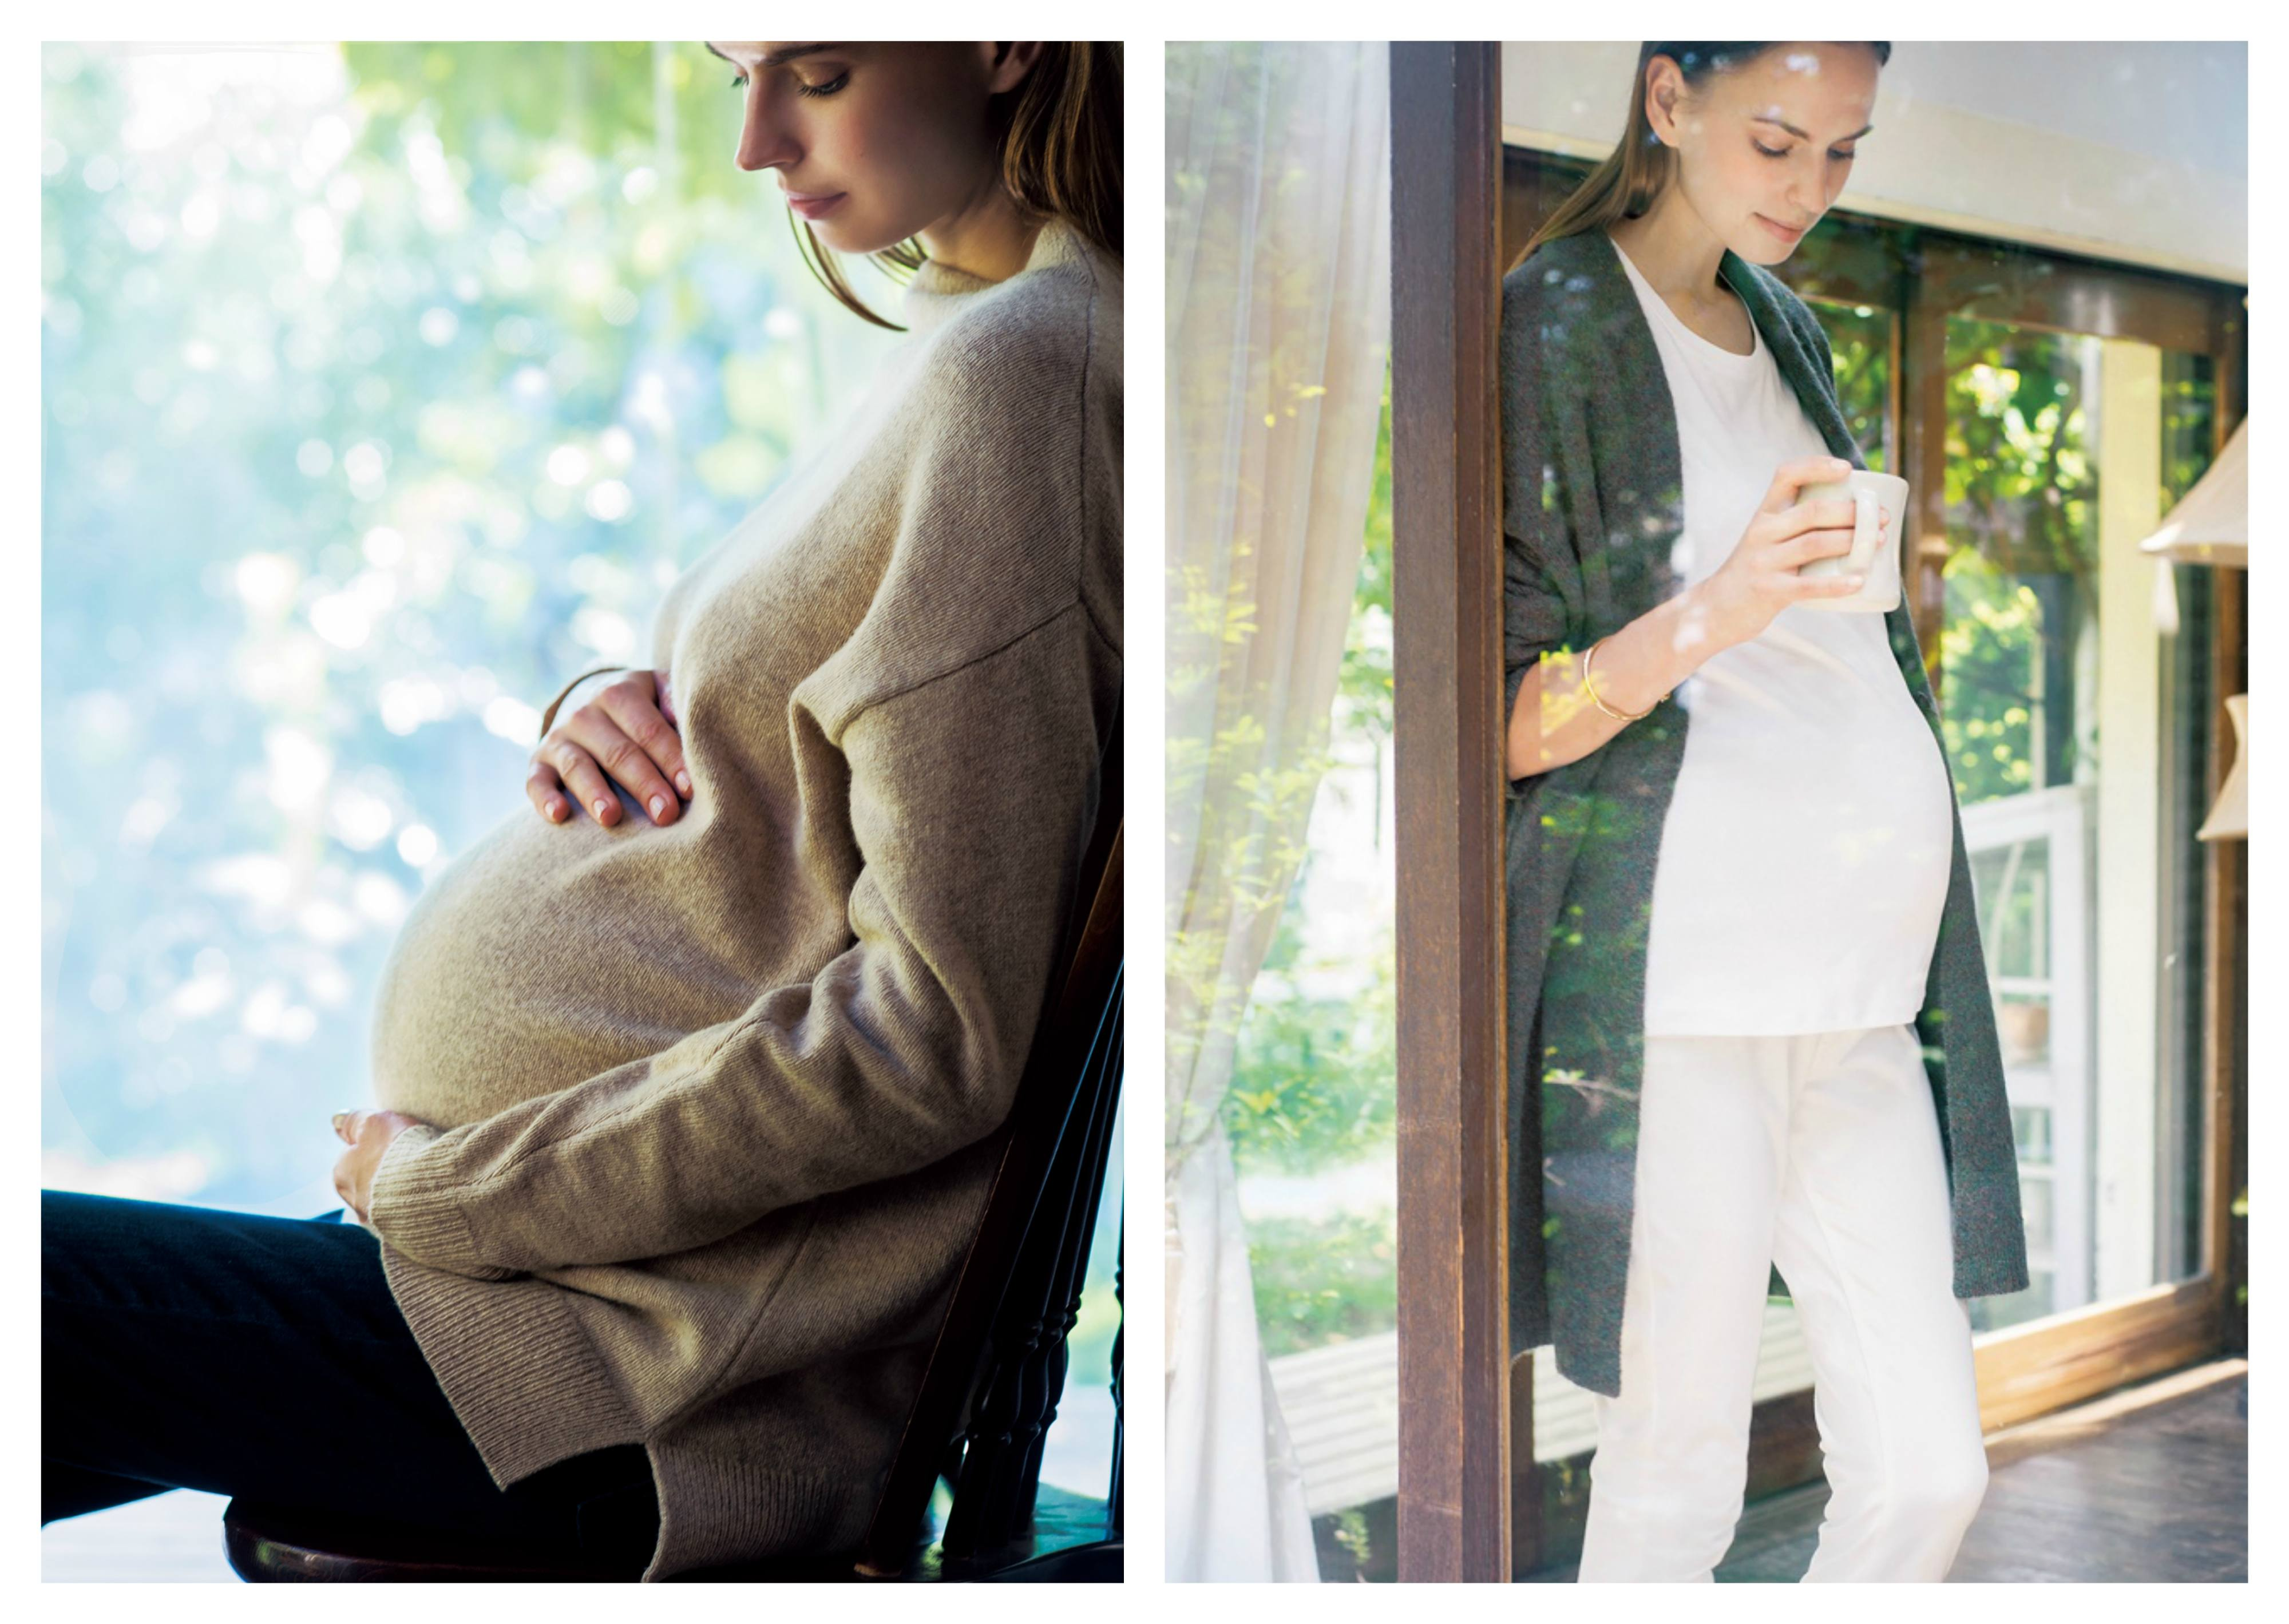 fd24eb07719e76 Sneak Peek: UNIQLO launches new Newborn & Maternity Lifewear line